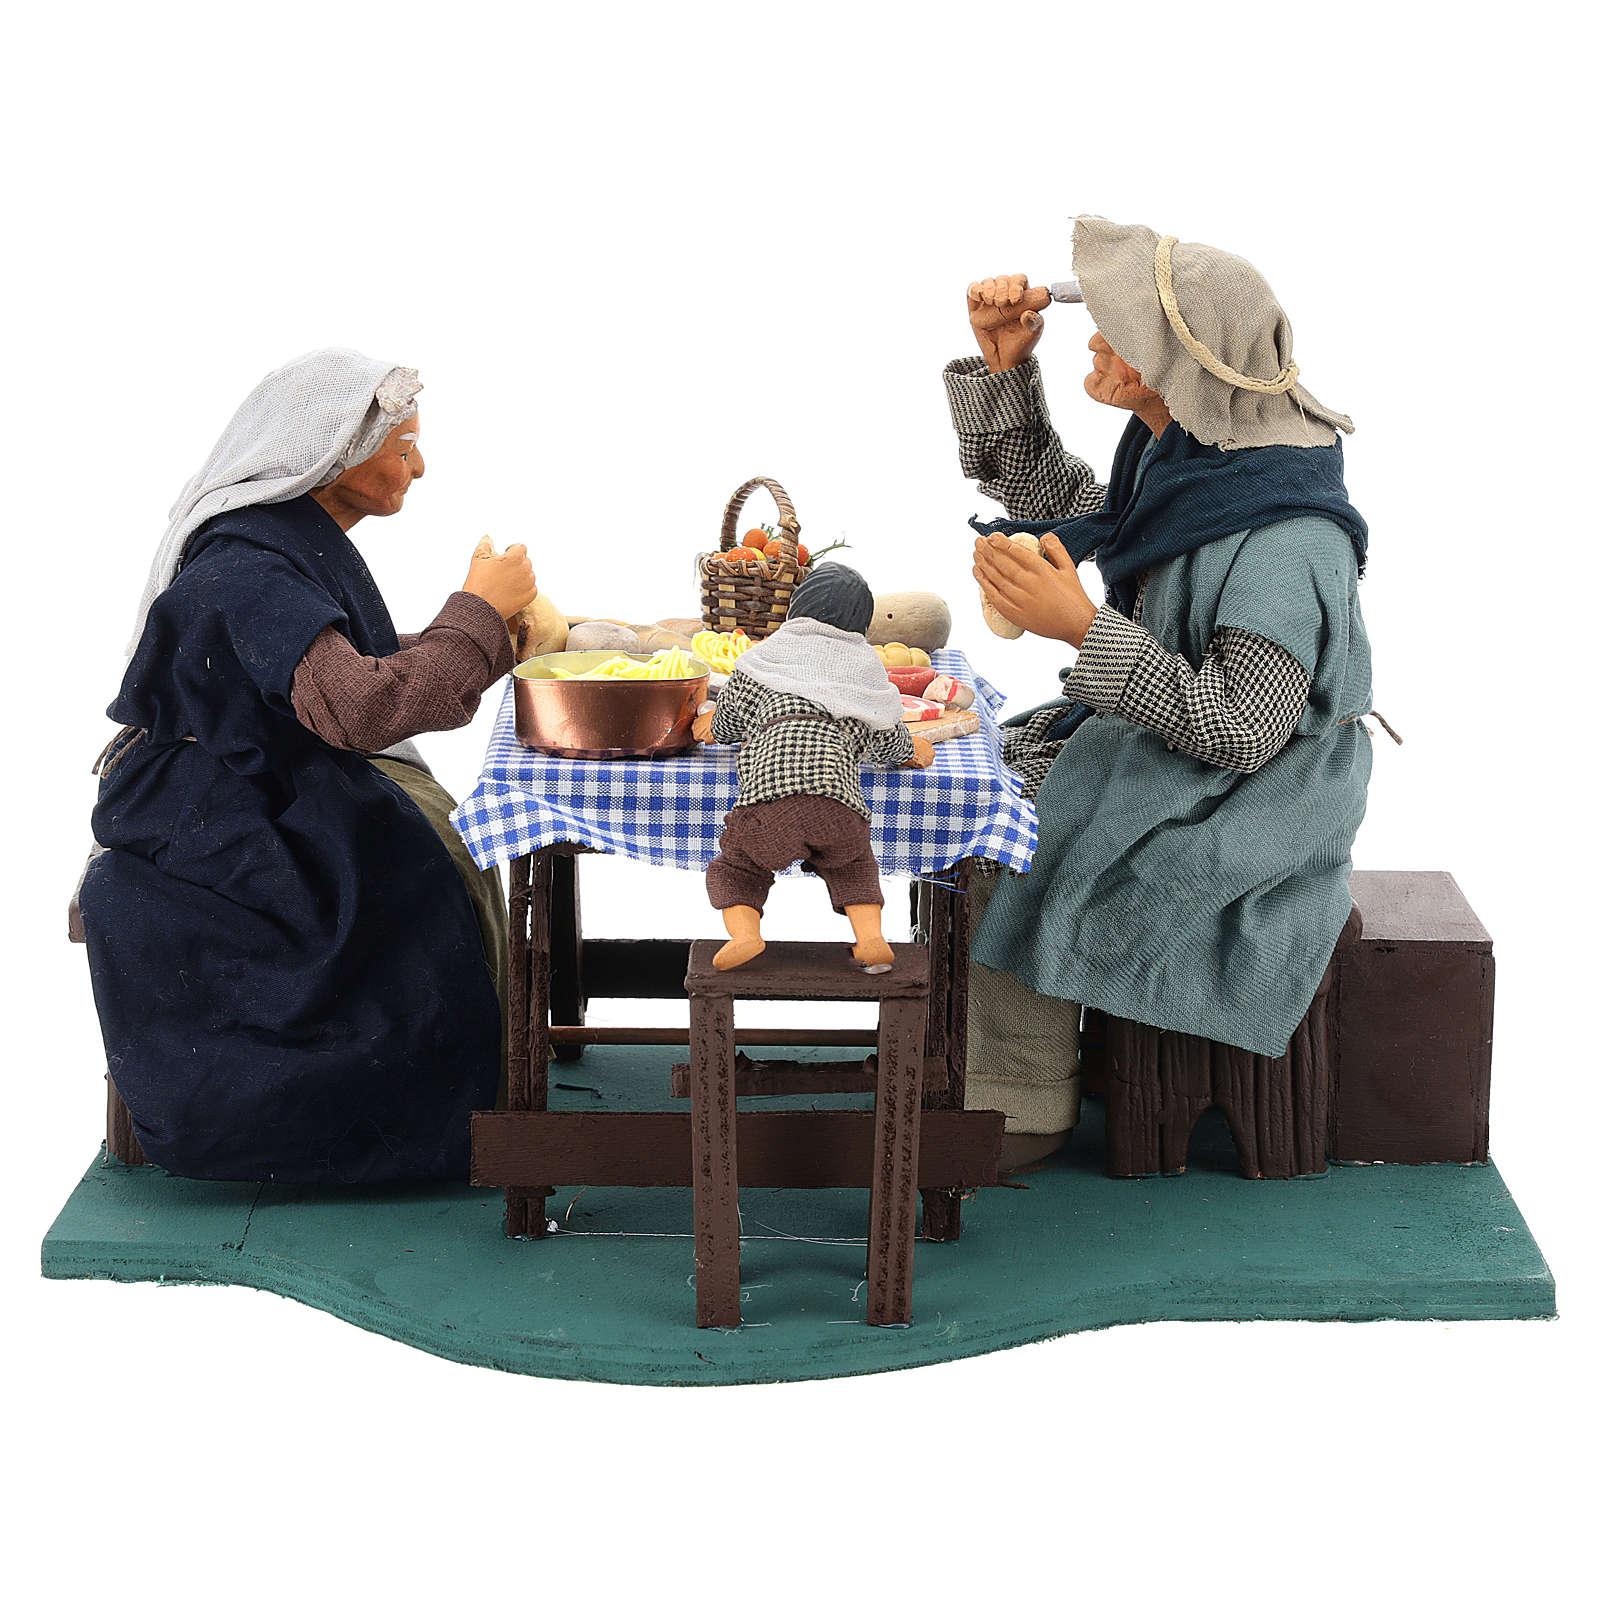 Escena familia que cena con niño 24 cm de altura media belén Nápoles 4